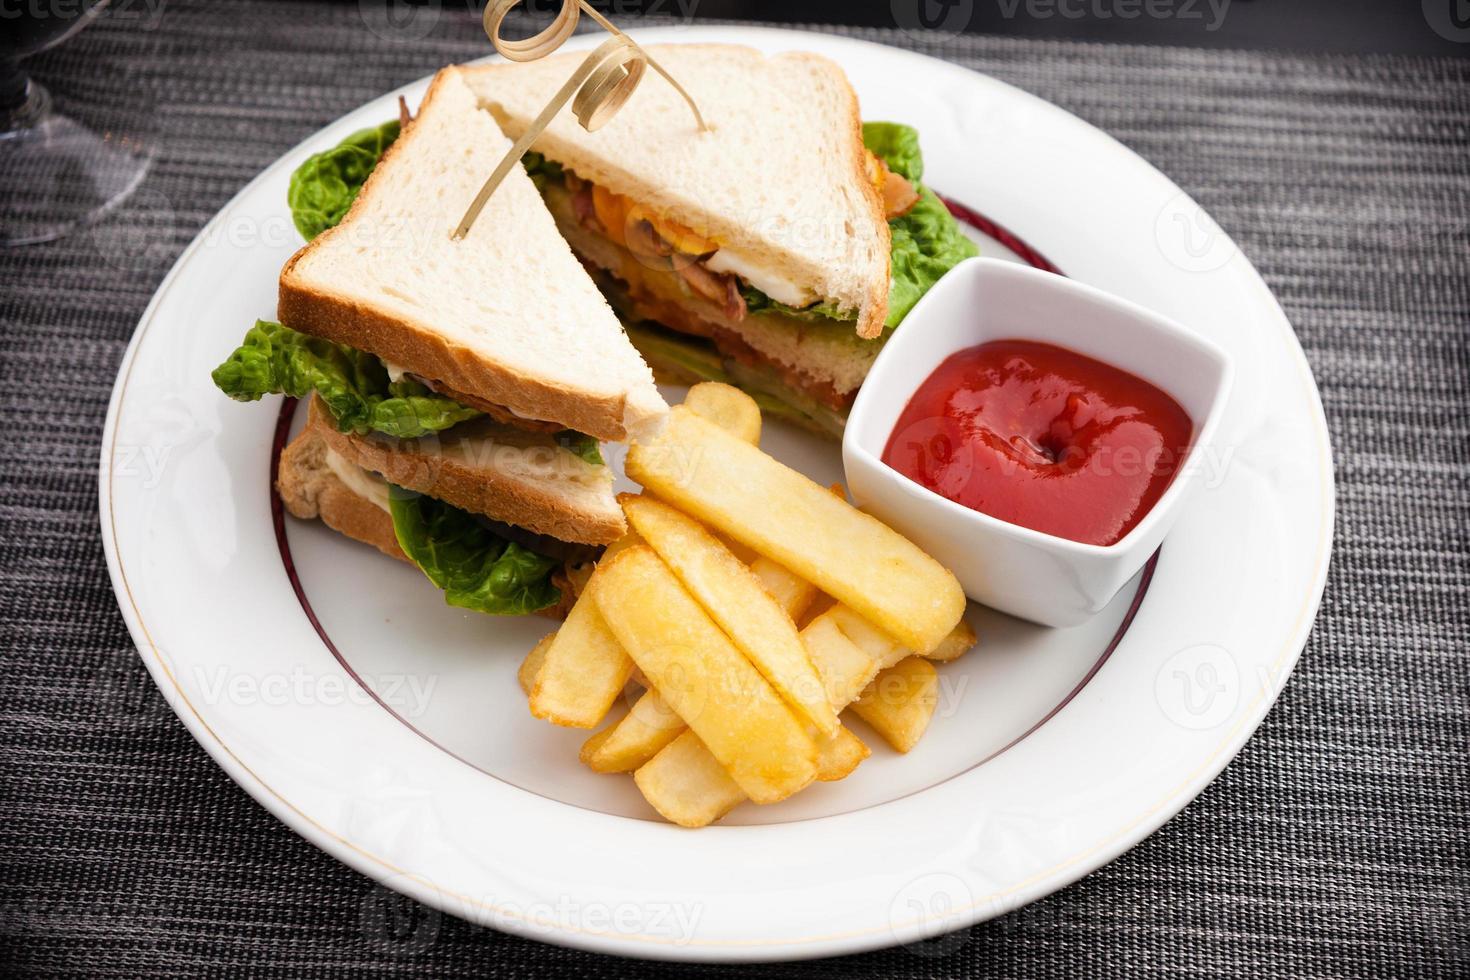 sandwich con huevos fritos, tocino y lechuga foto